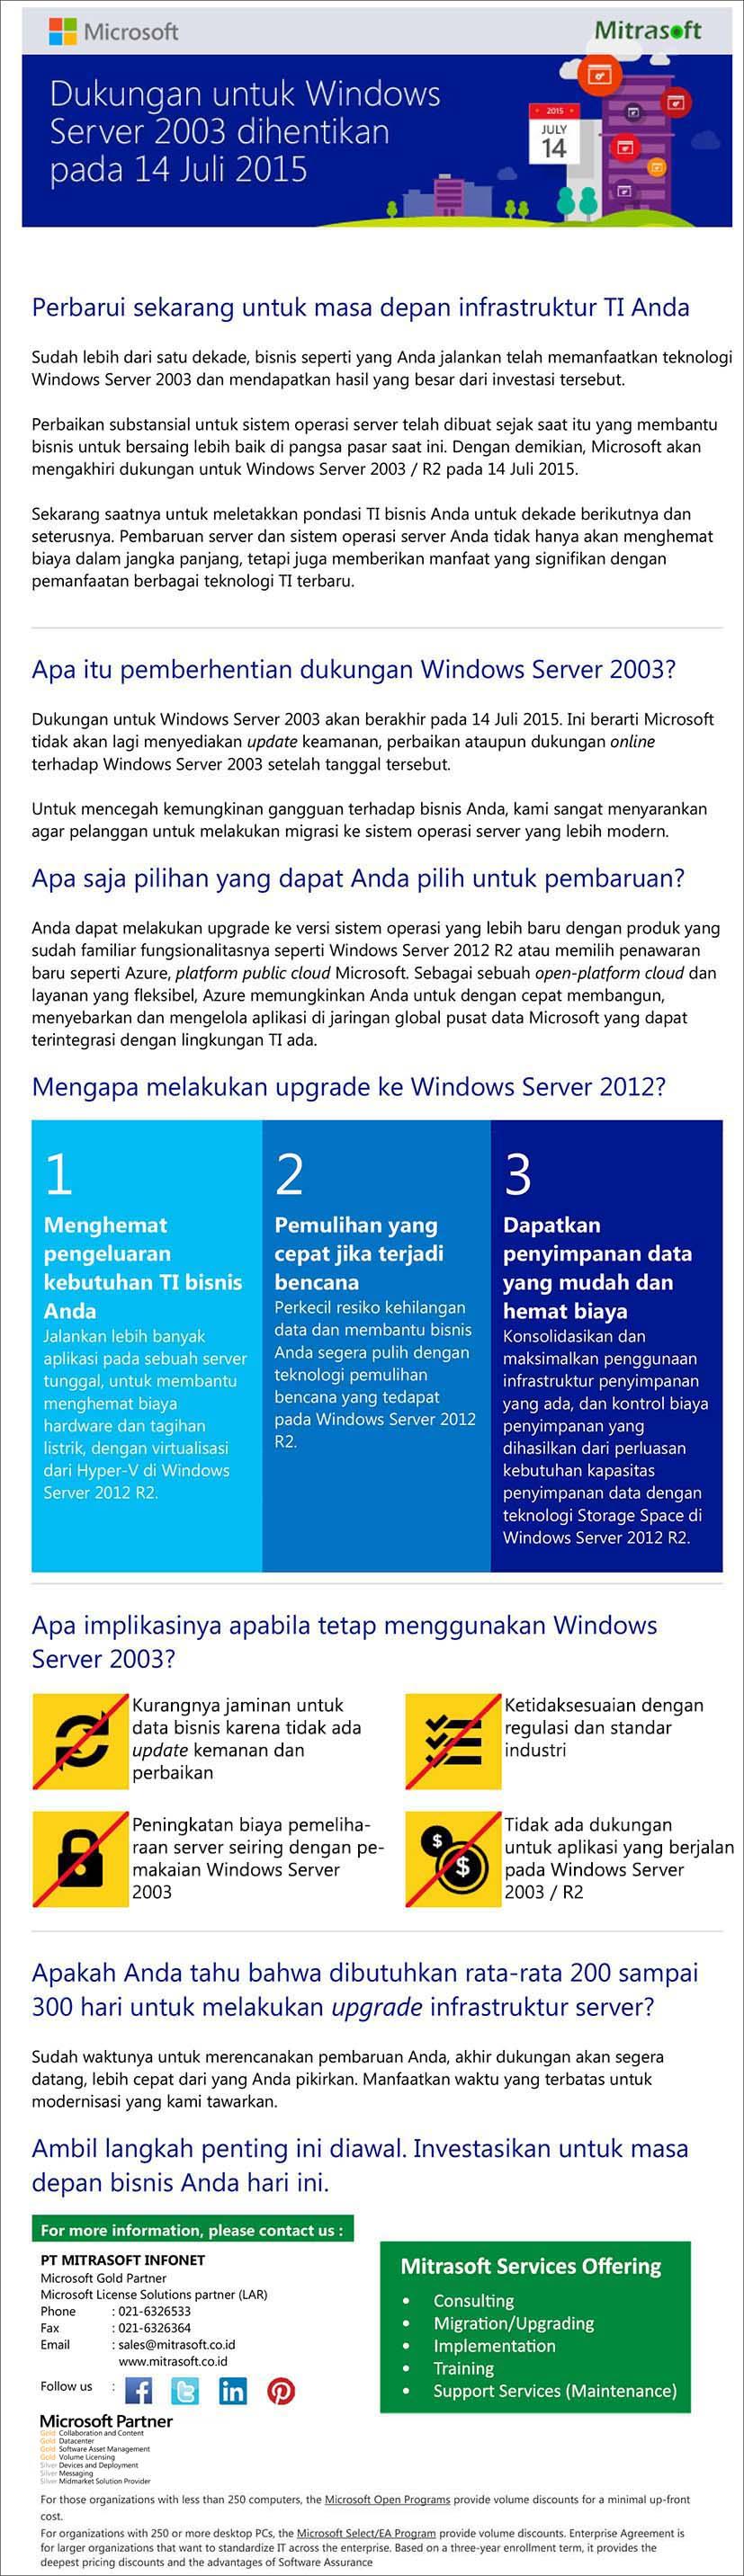 Mitrasoft Dukungan Terhadap Microsoft Windowsserver2003 Akan Berakhir 14 July 2015 Mitrasoftsolution Pelajari Lebih La Microsoft Teknologi Baru Teknologi